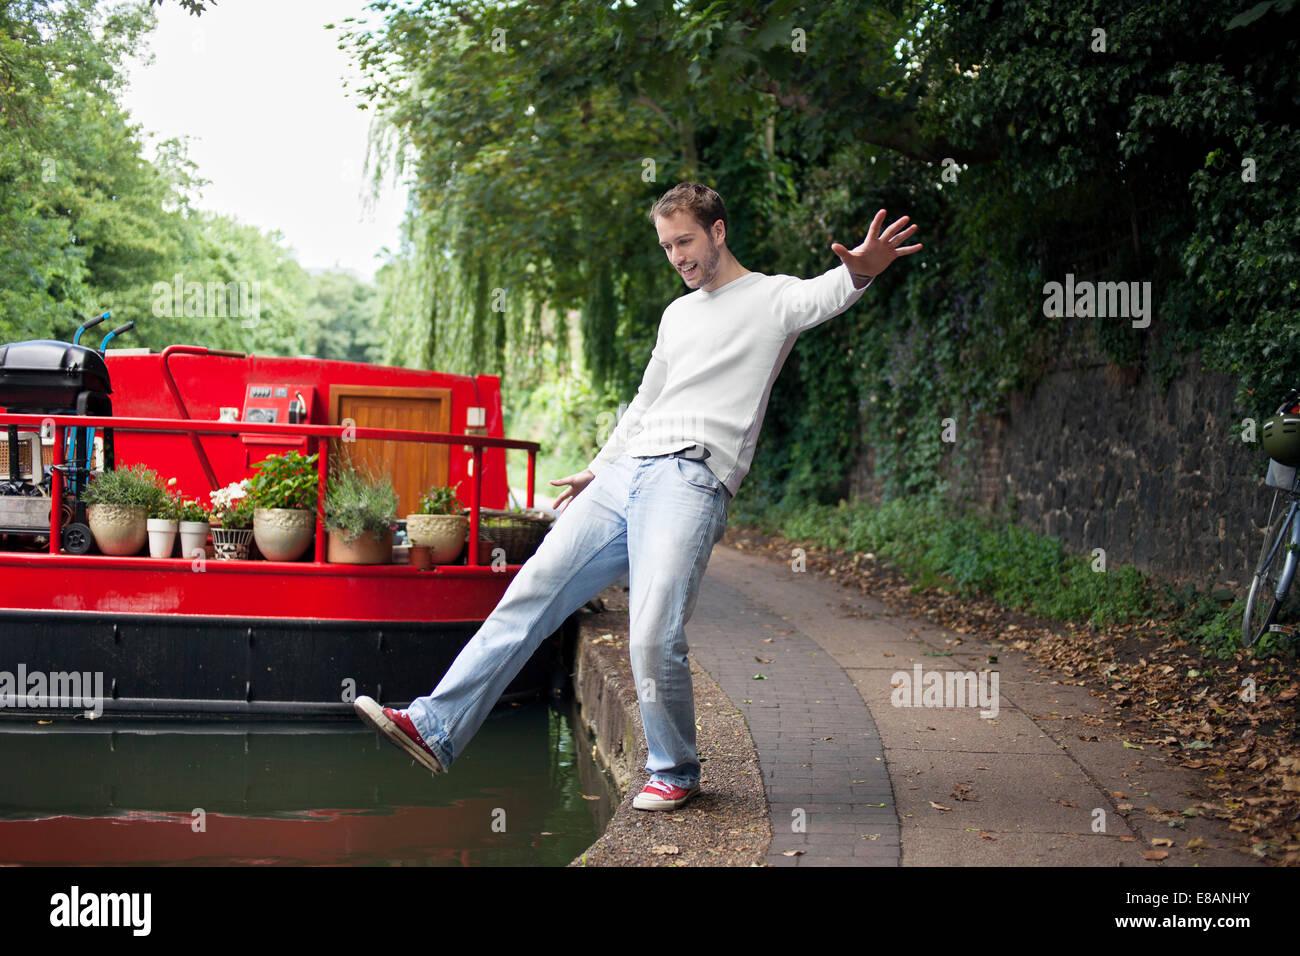 Menschen, die vorgeben zu verfallen, Kanal, East London, UK Stockbild